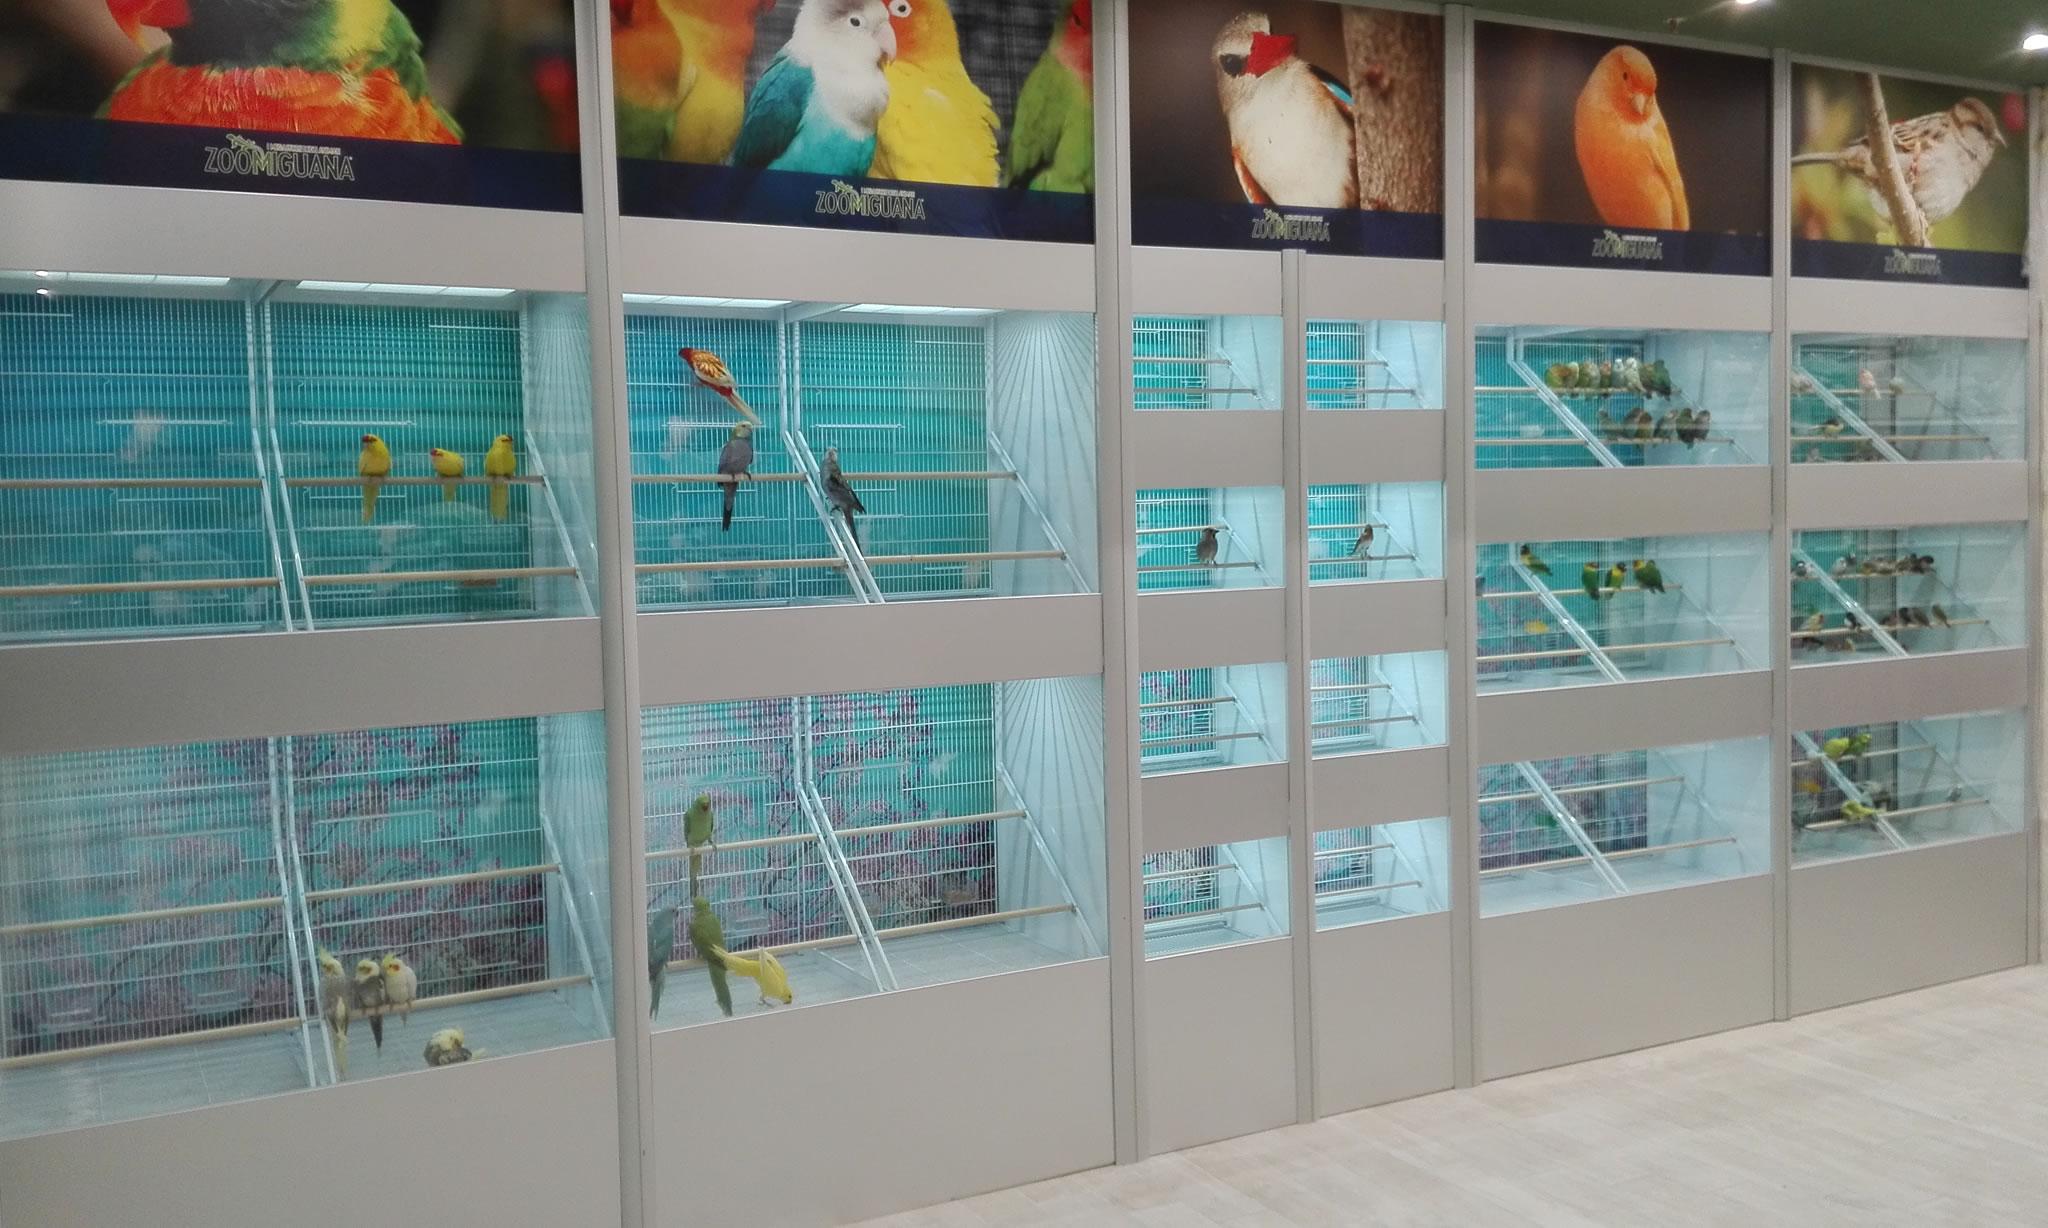 Acquari d 39 autore specialisti in arredamento negozi animali for Arredi d autore